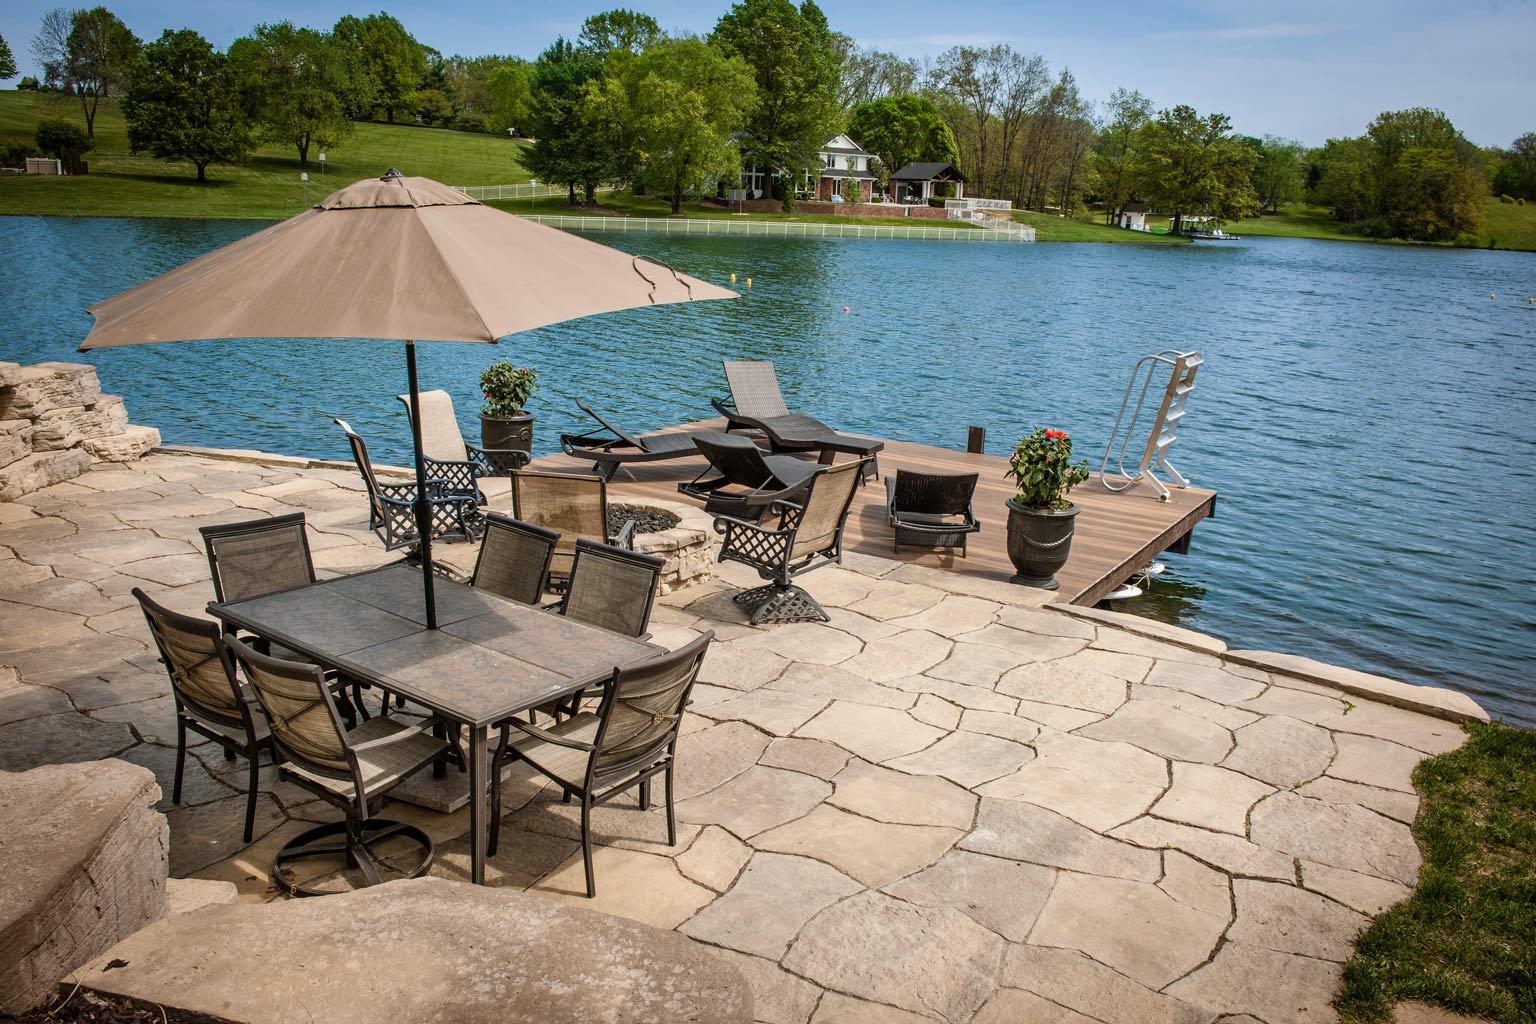 Grand Flagstone creates a beautiful natural patio